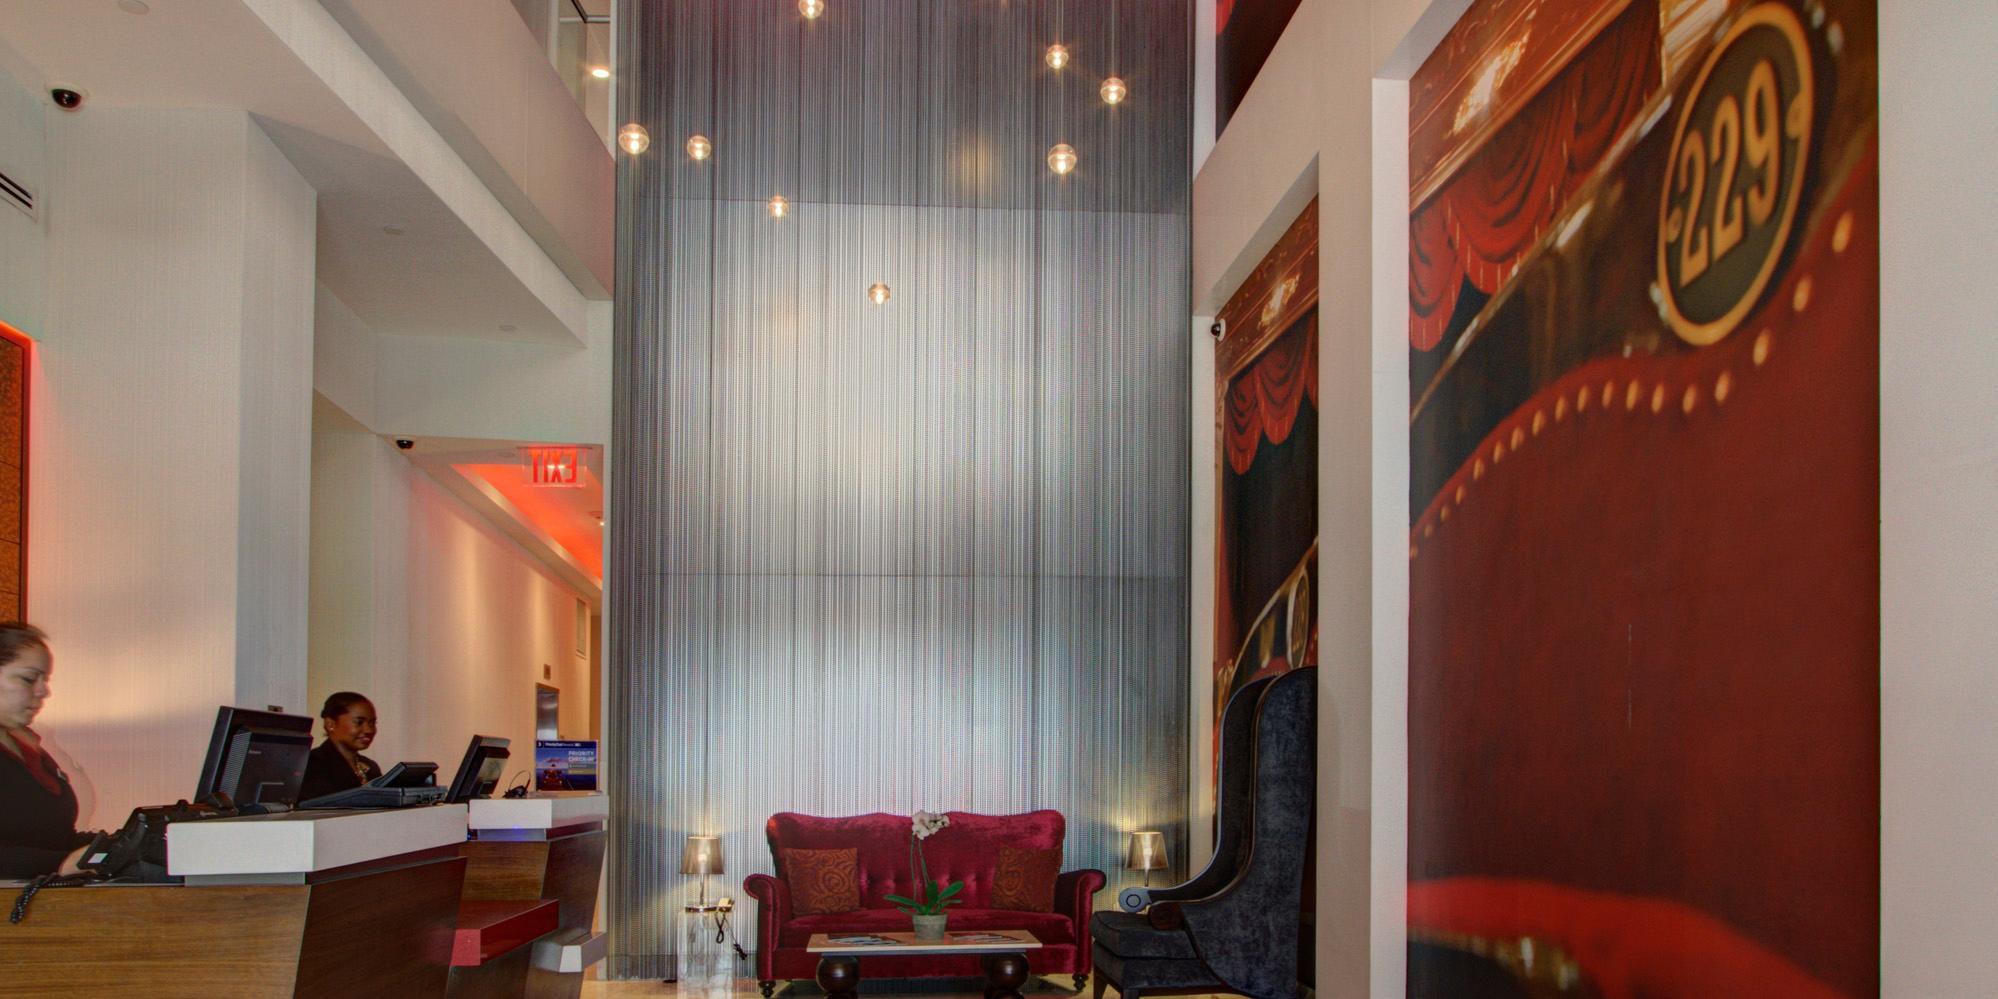 Hotel Indigo Brooklyn New York